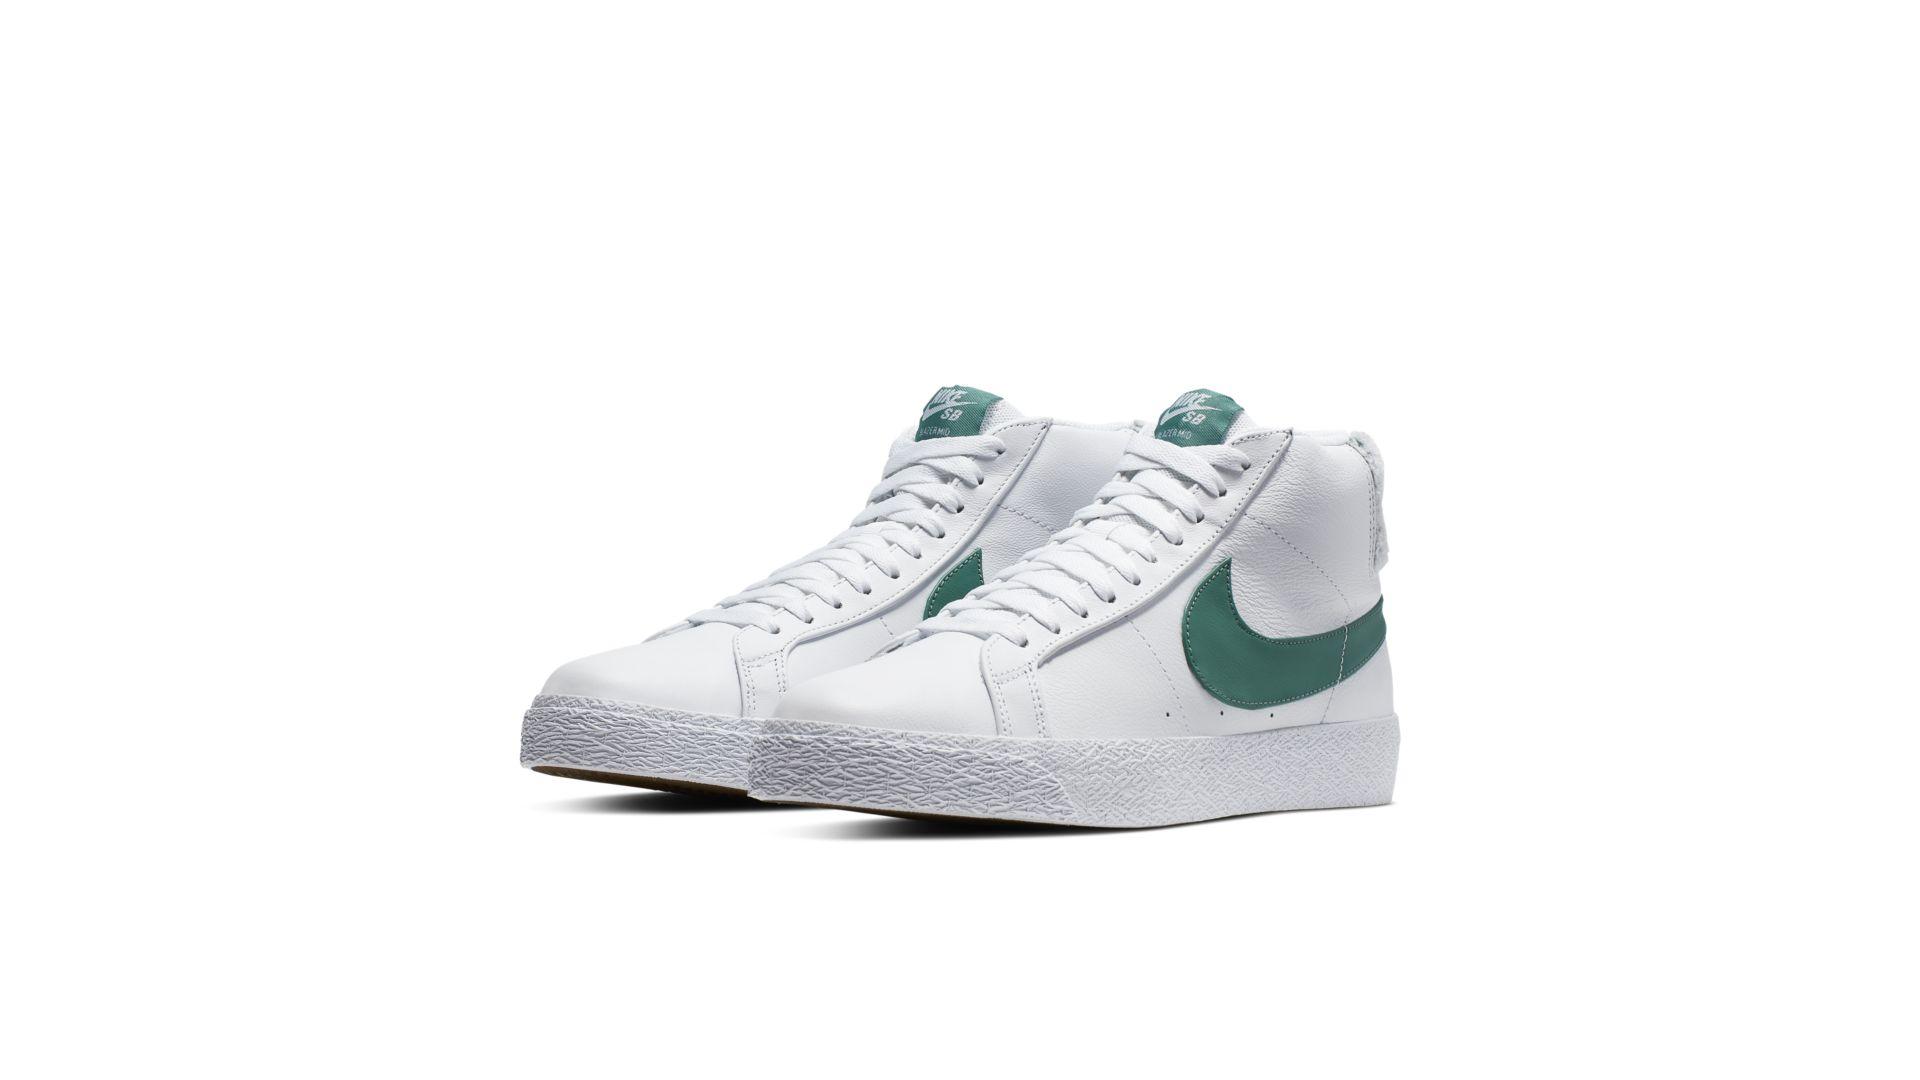 Nike SB Zoom Blazer Mid White Bicoastal (CJ6983-100)